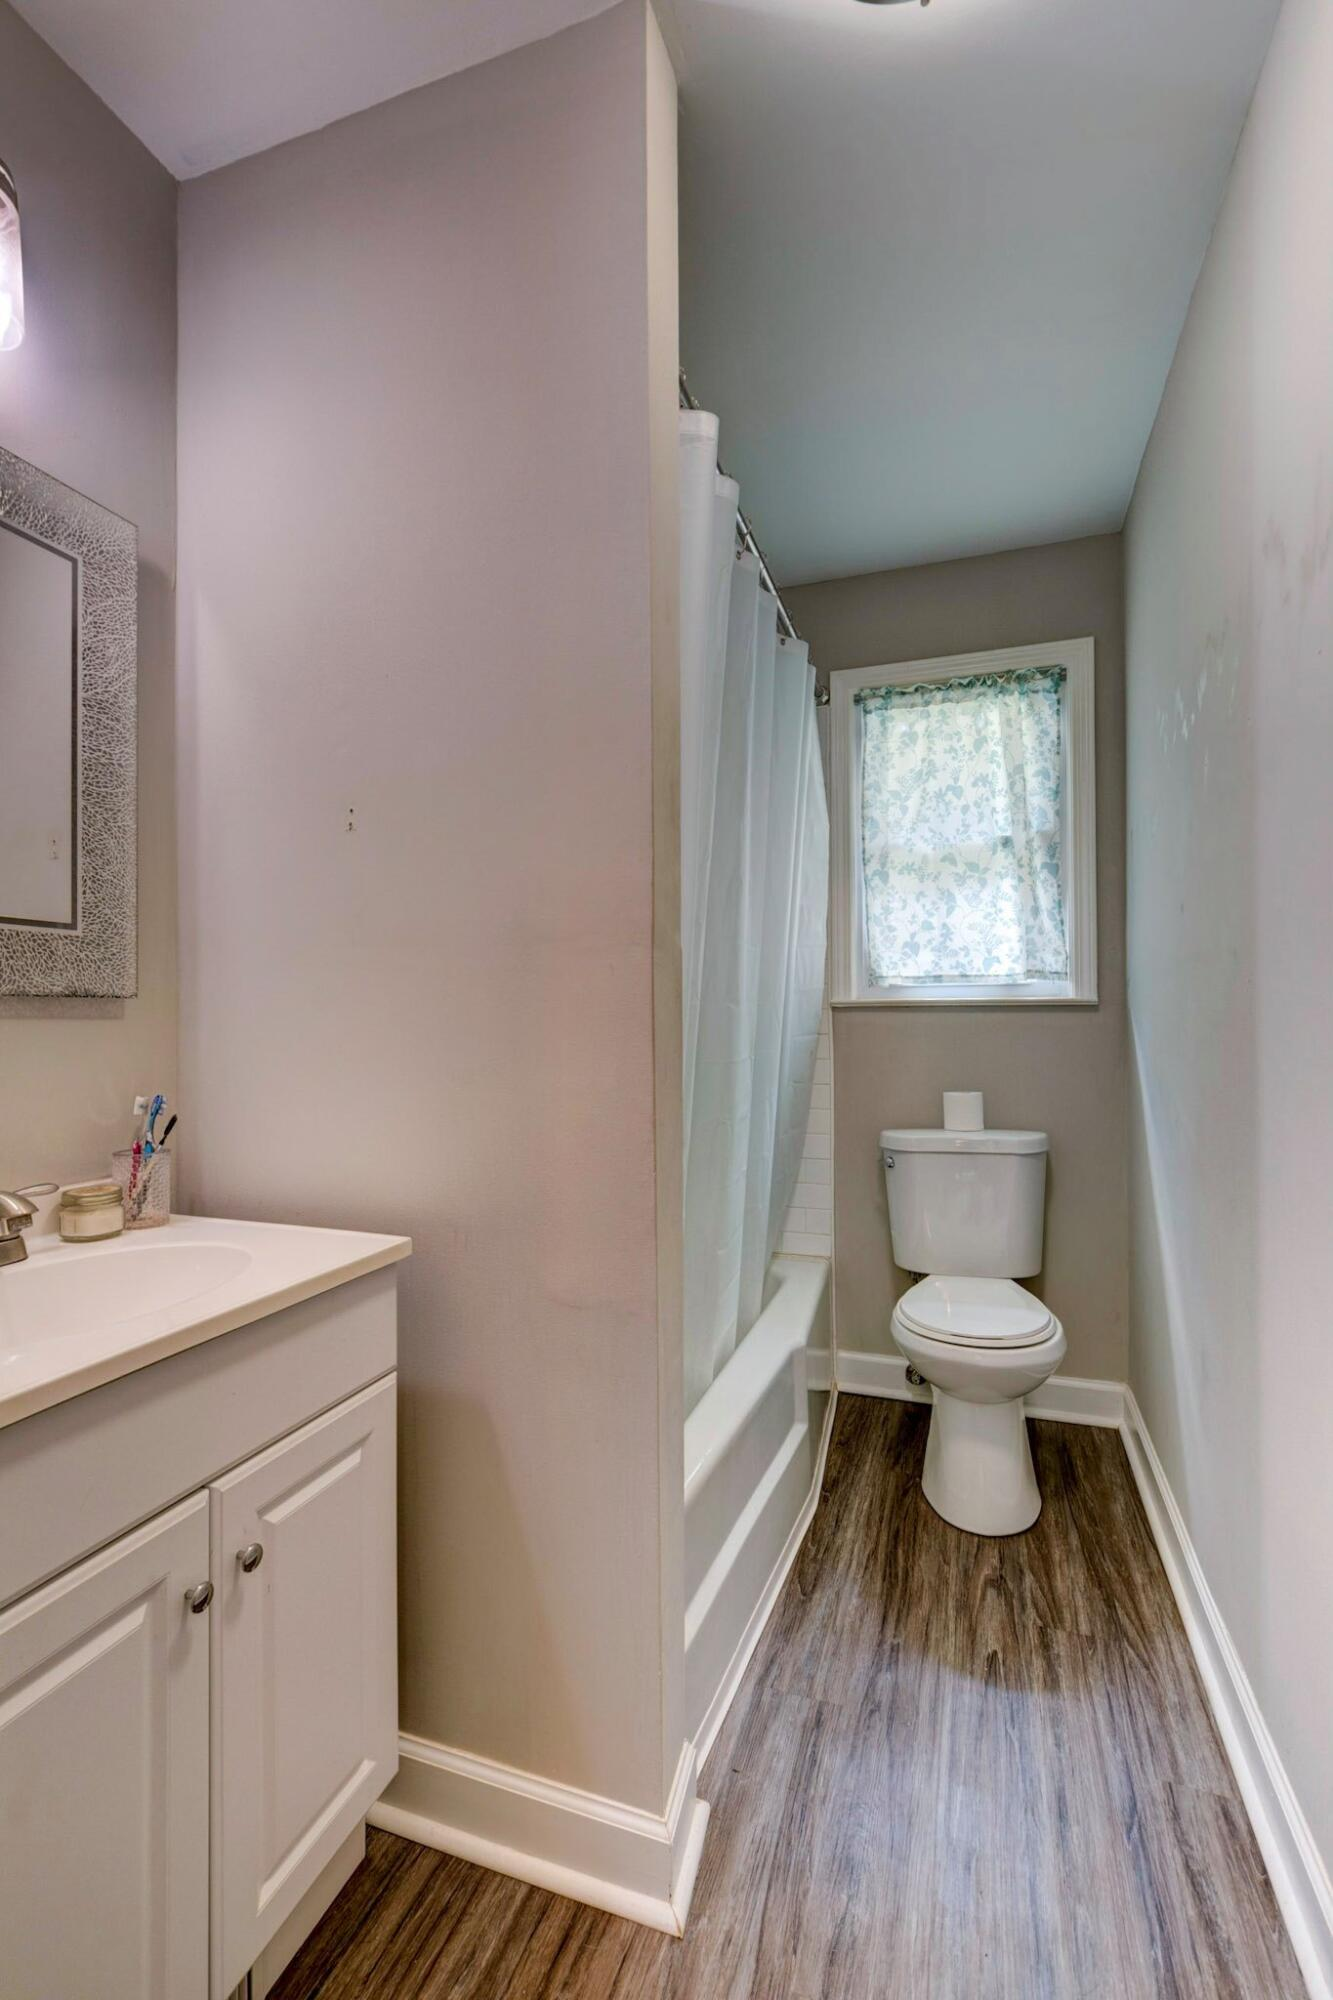 Clarks Point Homes For Sale - 1257 Julian Clark, Charleston, SC - 1